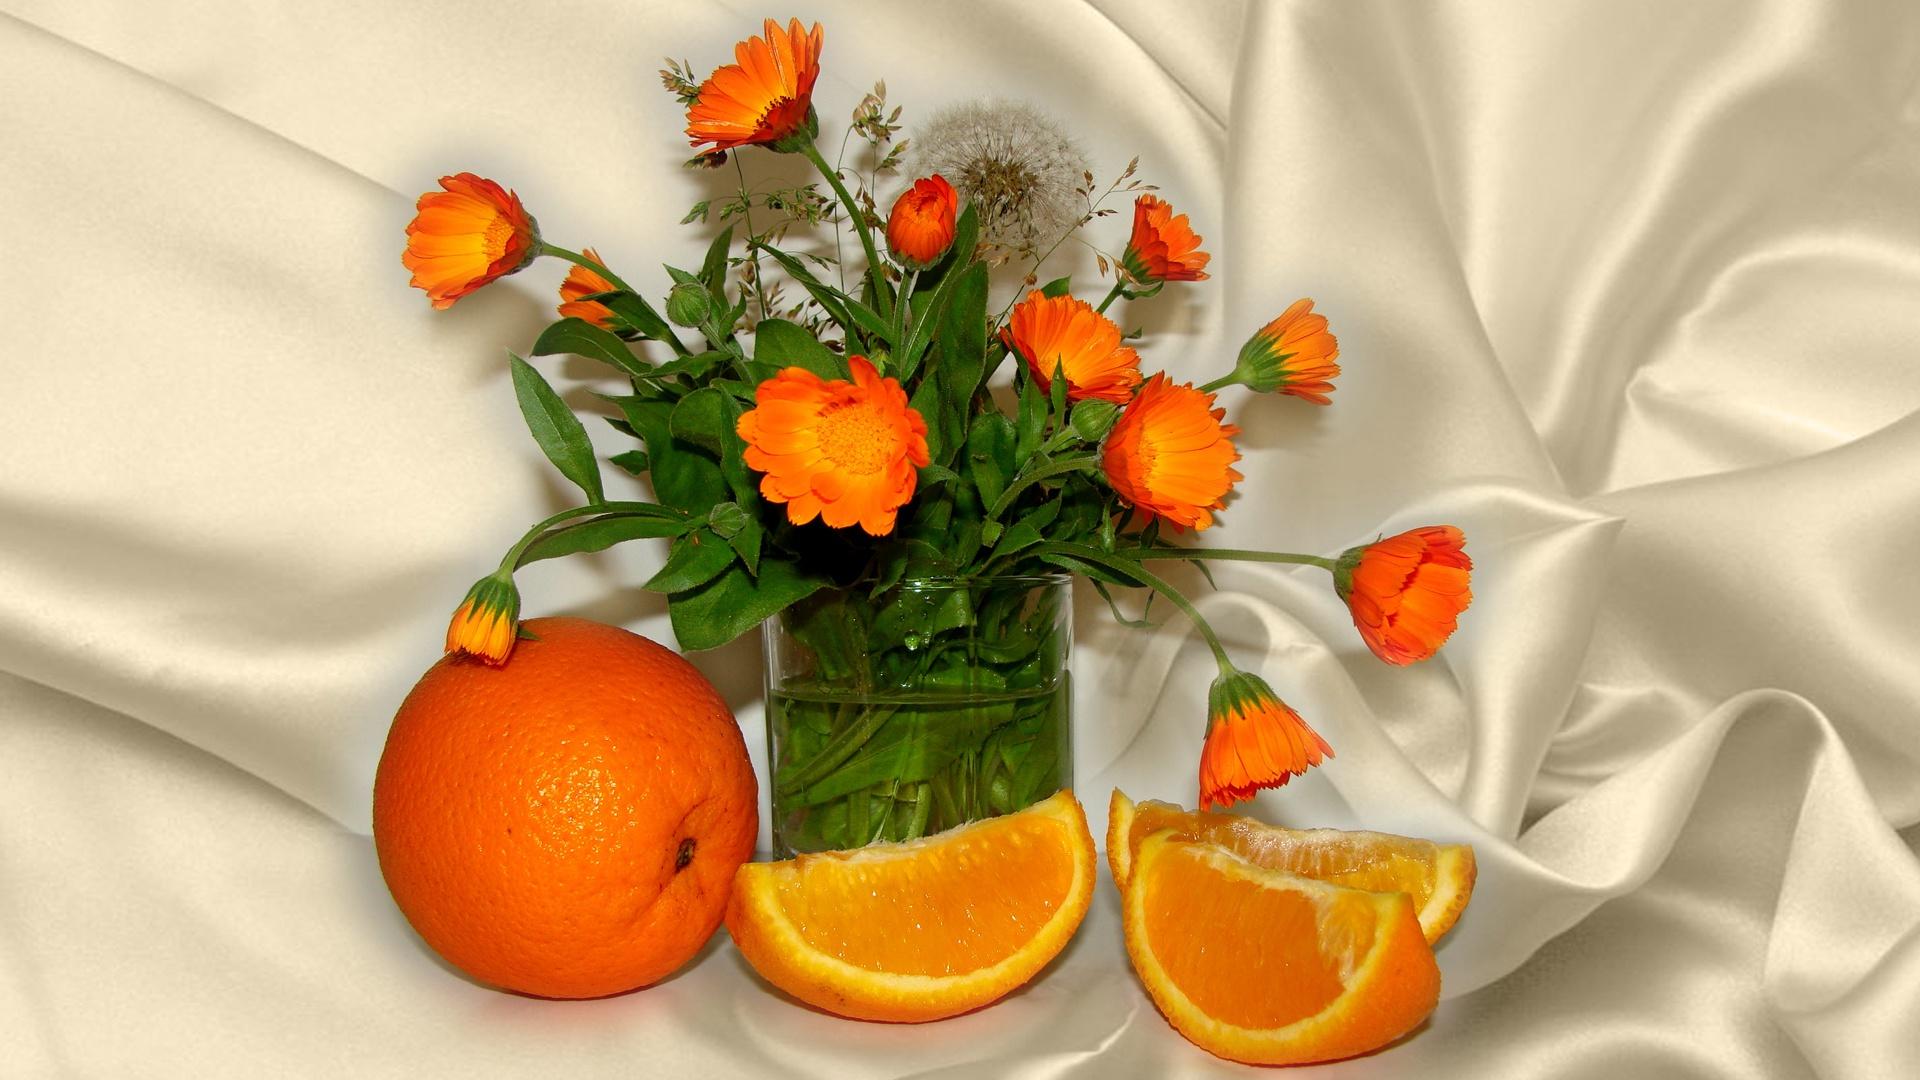 Картинки апельсины и цветы, рисунок